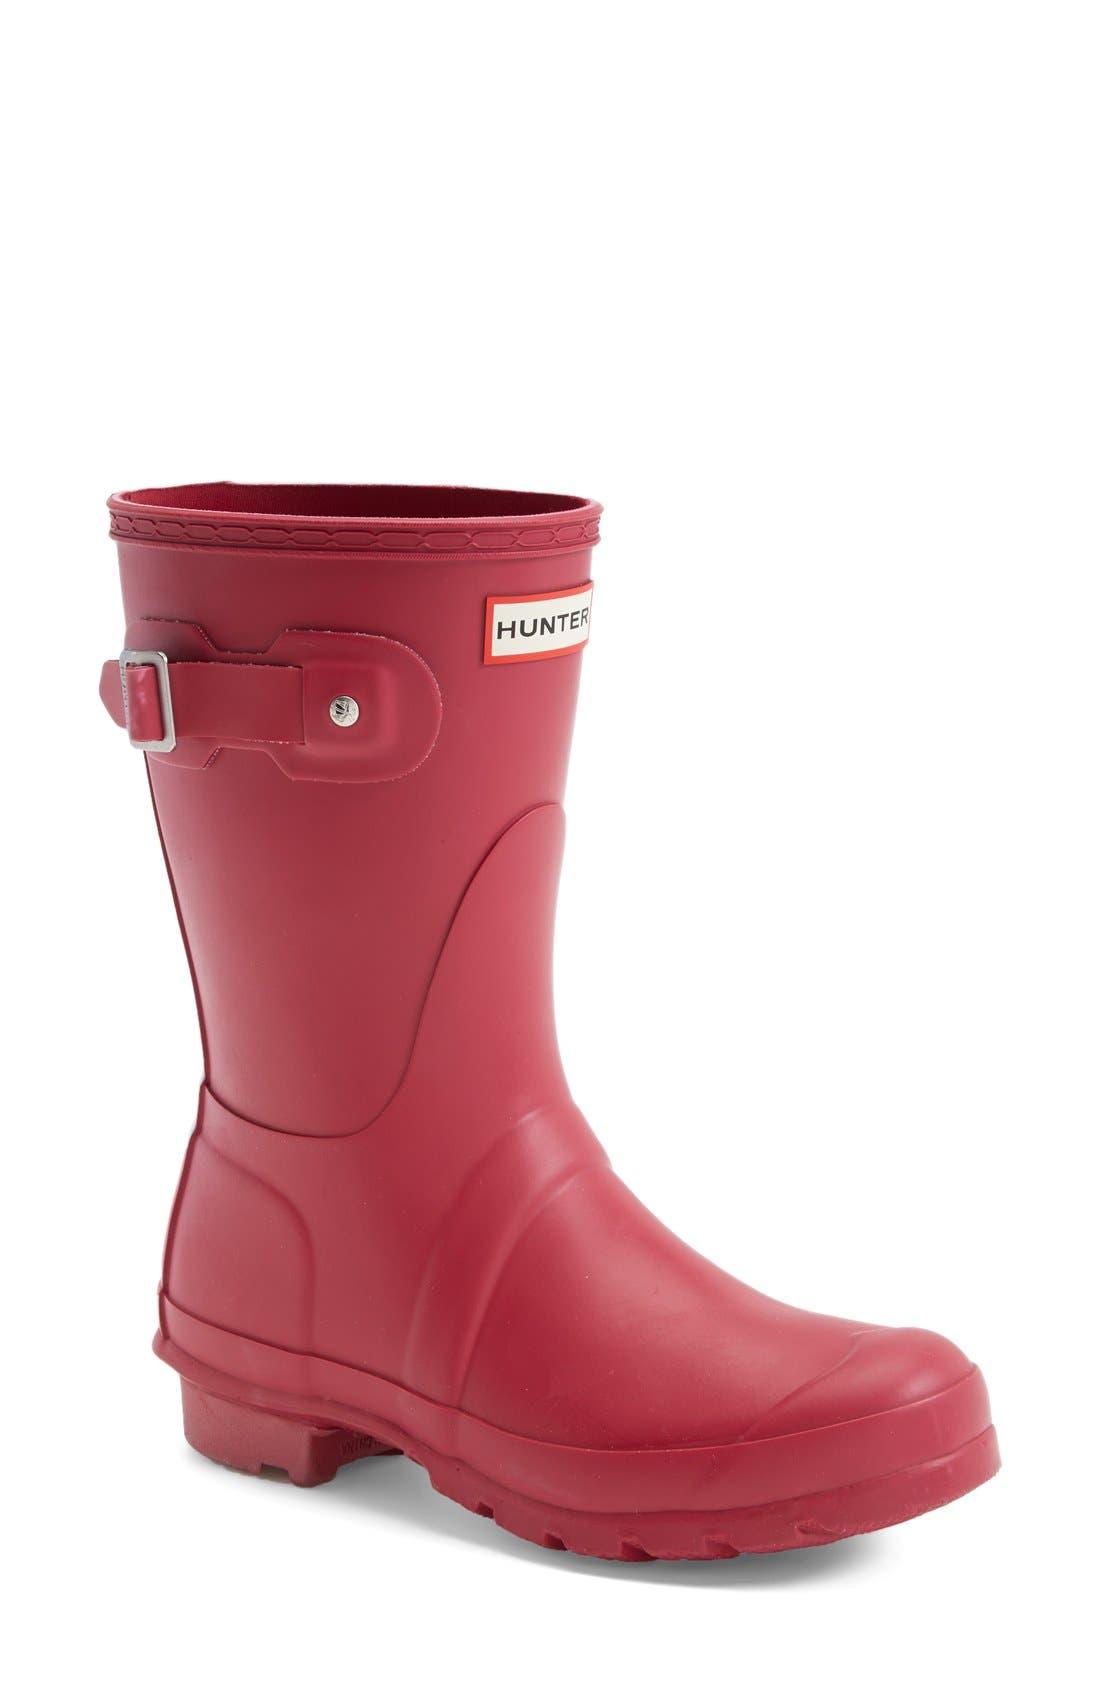 Alternate Image 1 Selected - Hunter 'Original Short' Rain Boot (Women)